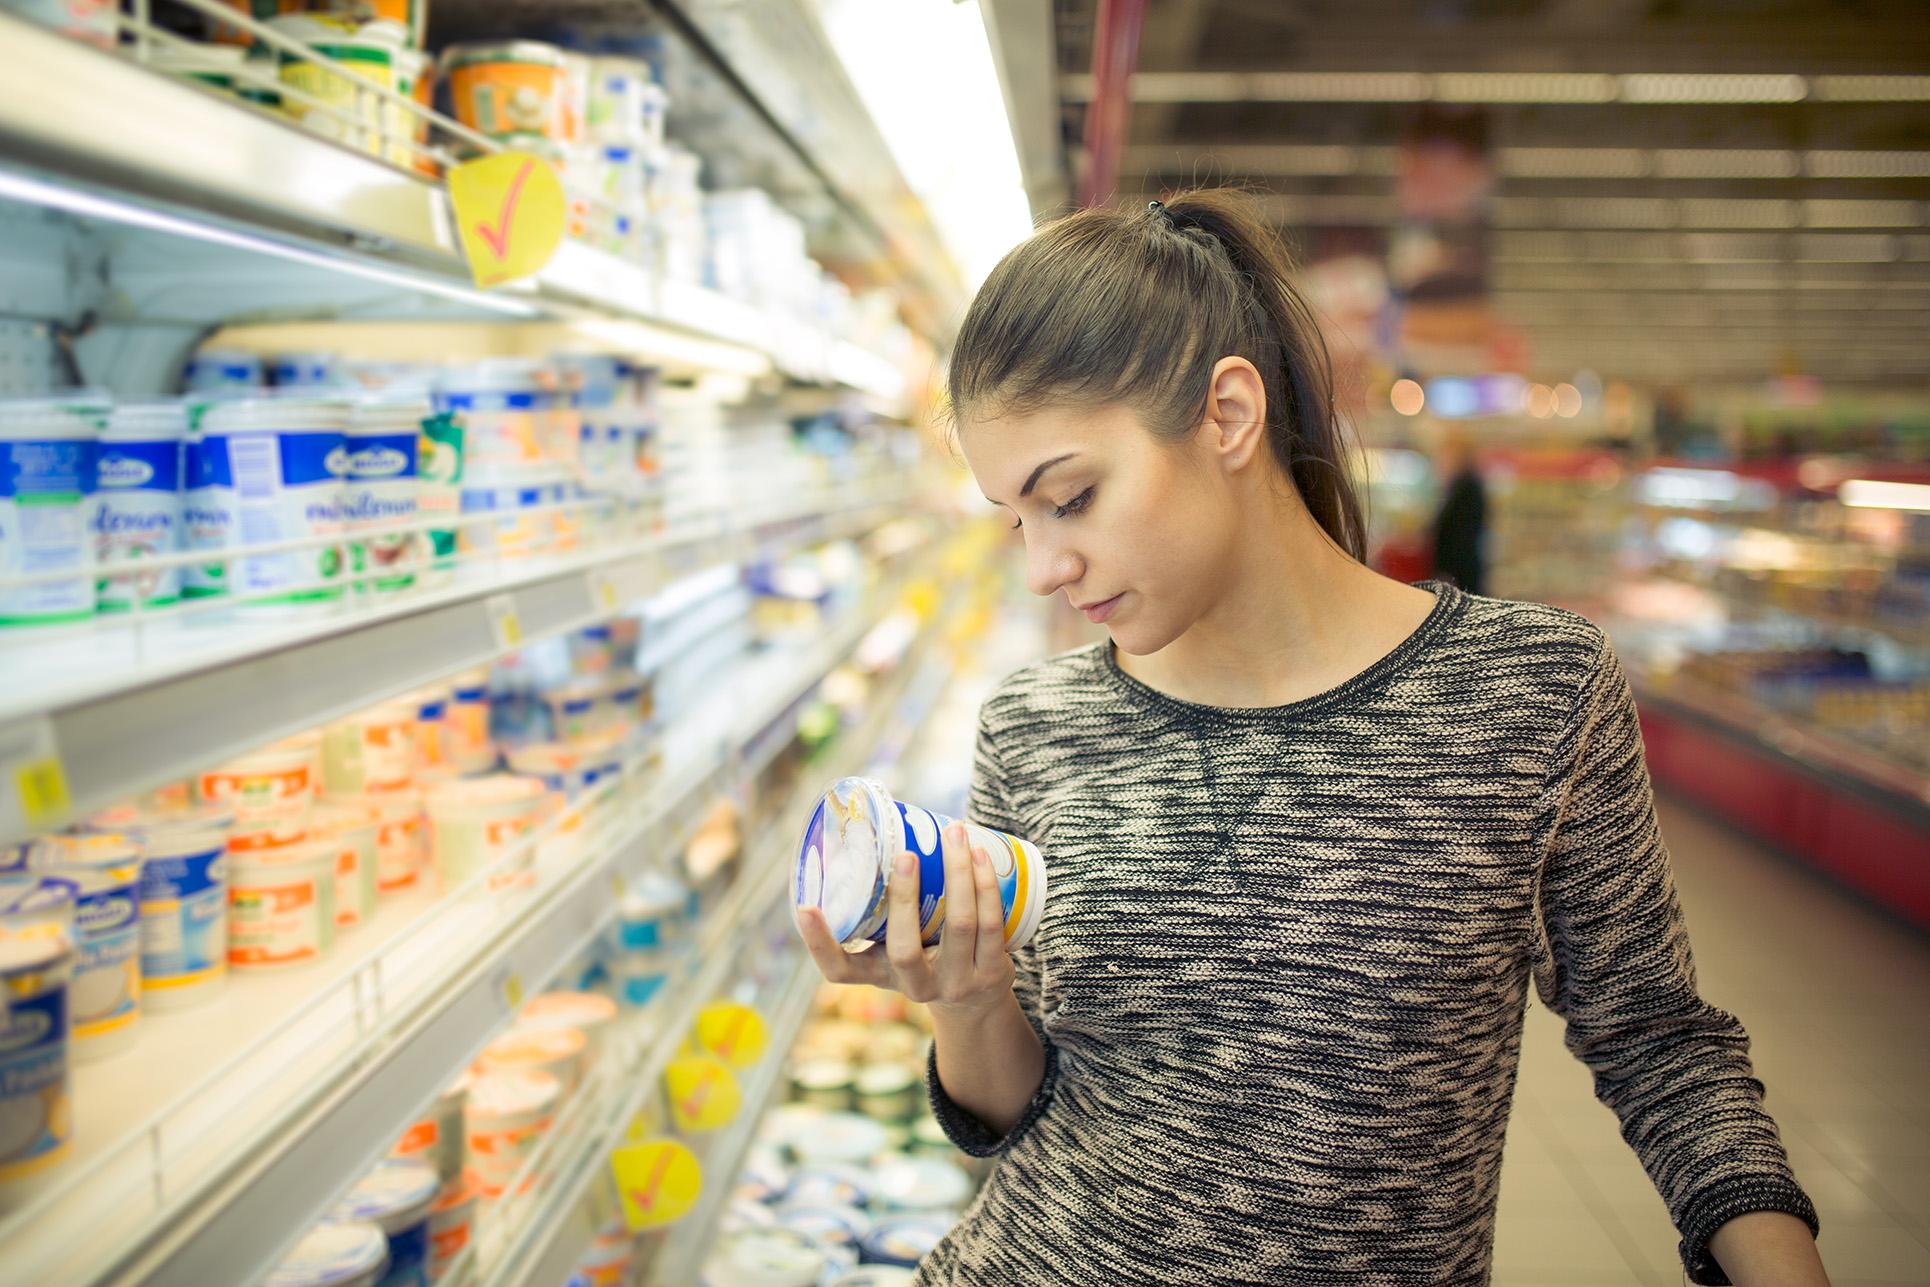 TKMST | Vind je koken, eten en voeding leuk? Dan is deze opleiding iets voor jou!